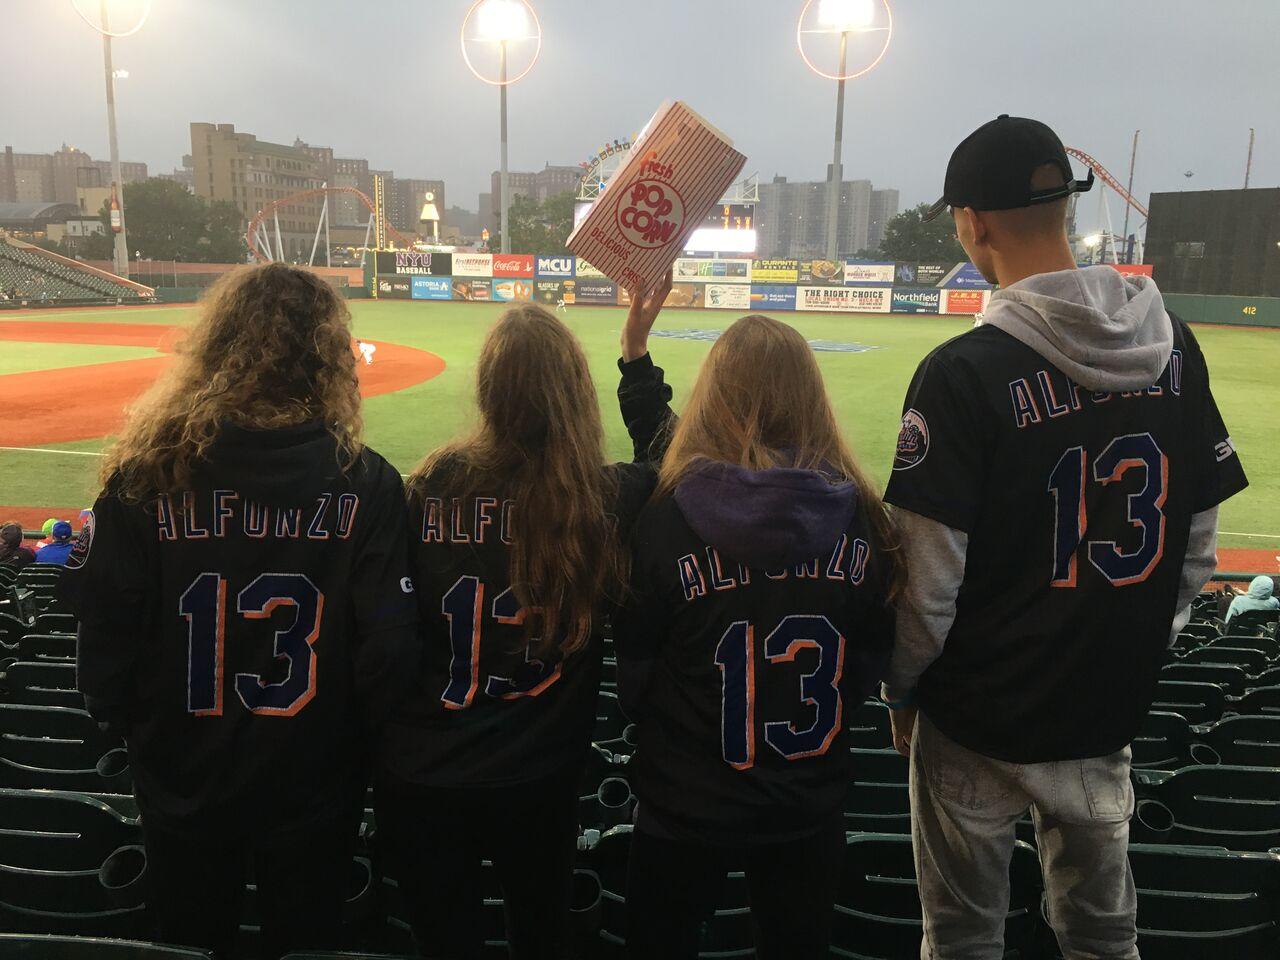 mecz baseballowy w NY - ATJ Lingwista